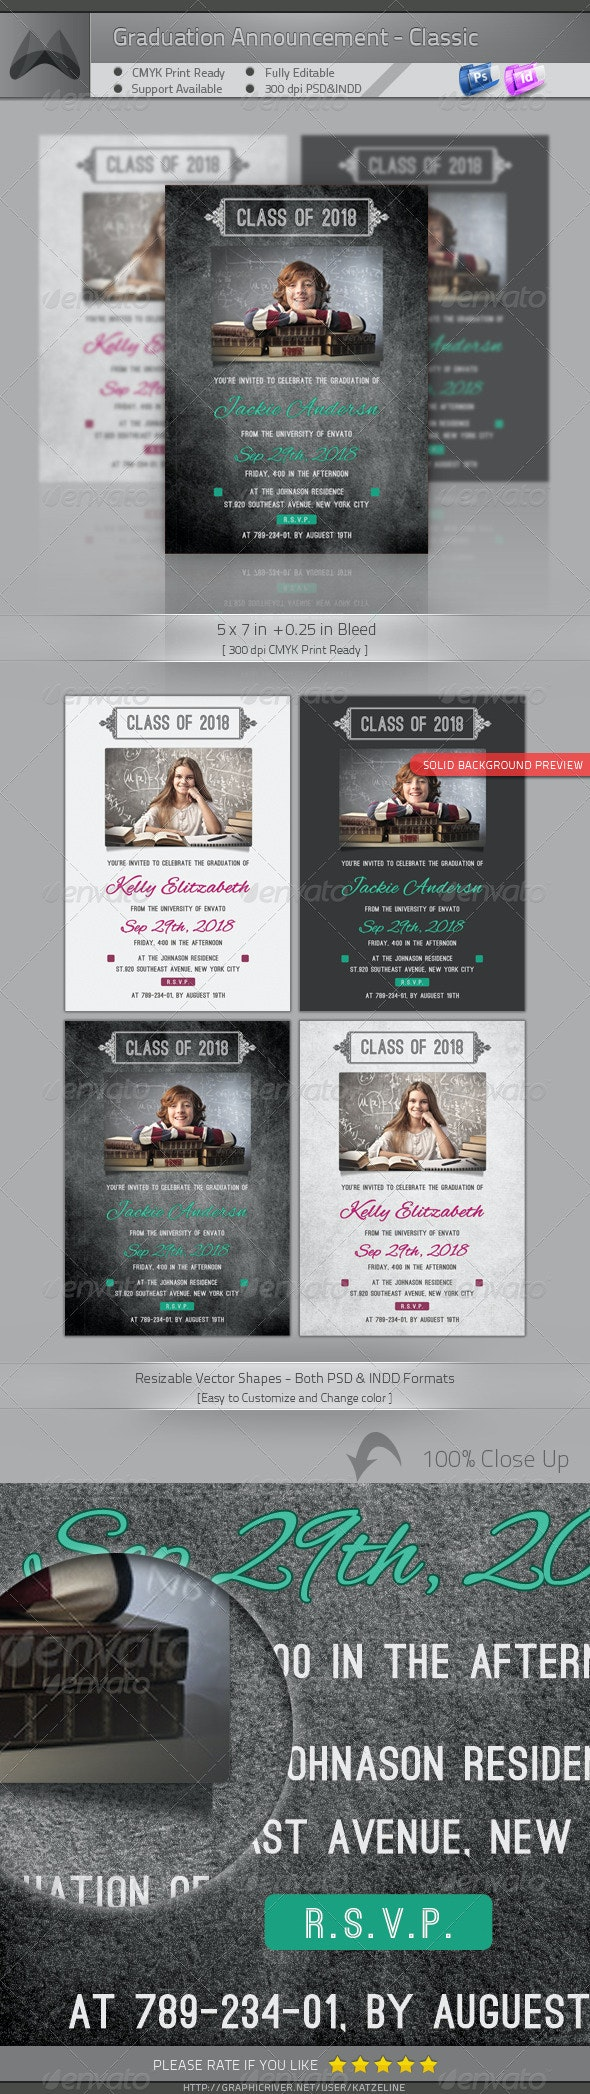 Graduation Announcement - Classic - Invitations Cards & Invites